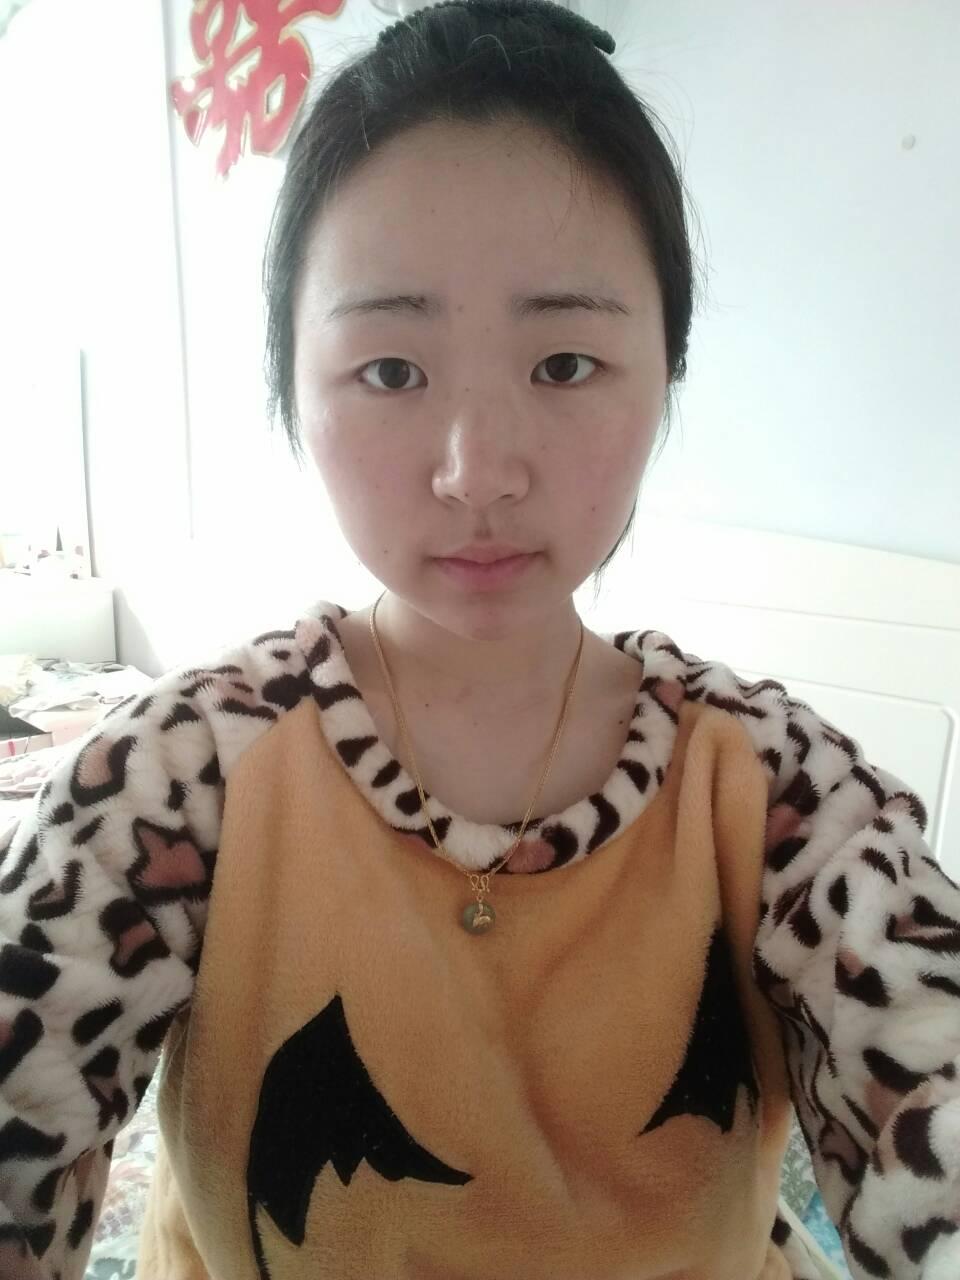 全割扇形双眼皮怎么样,想动眼睛,该做个平行的,还是扇形的?全切的?或者韩式的呢?这个脸型做了会好看么